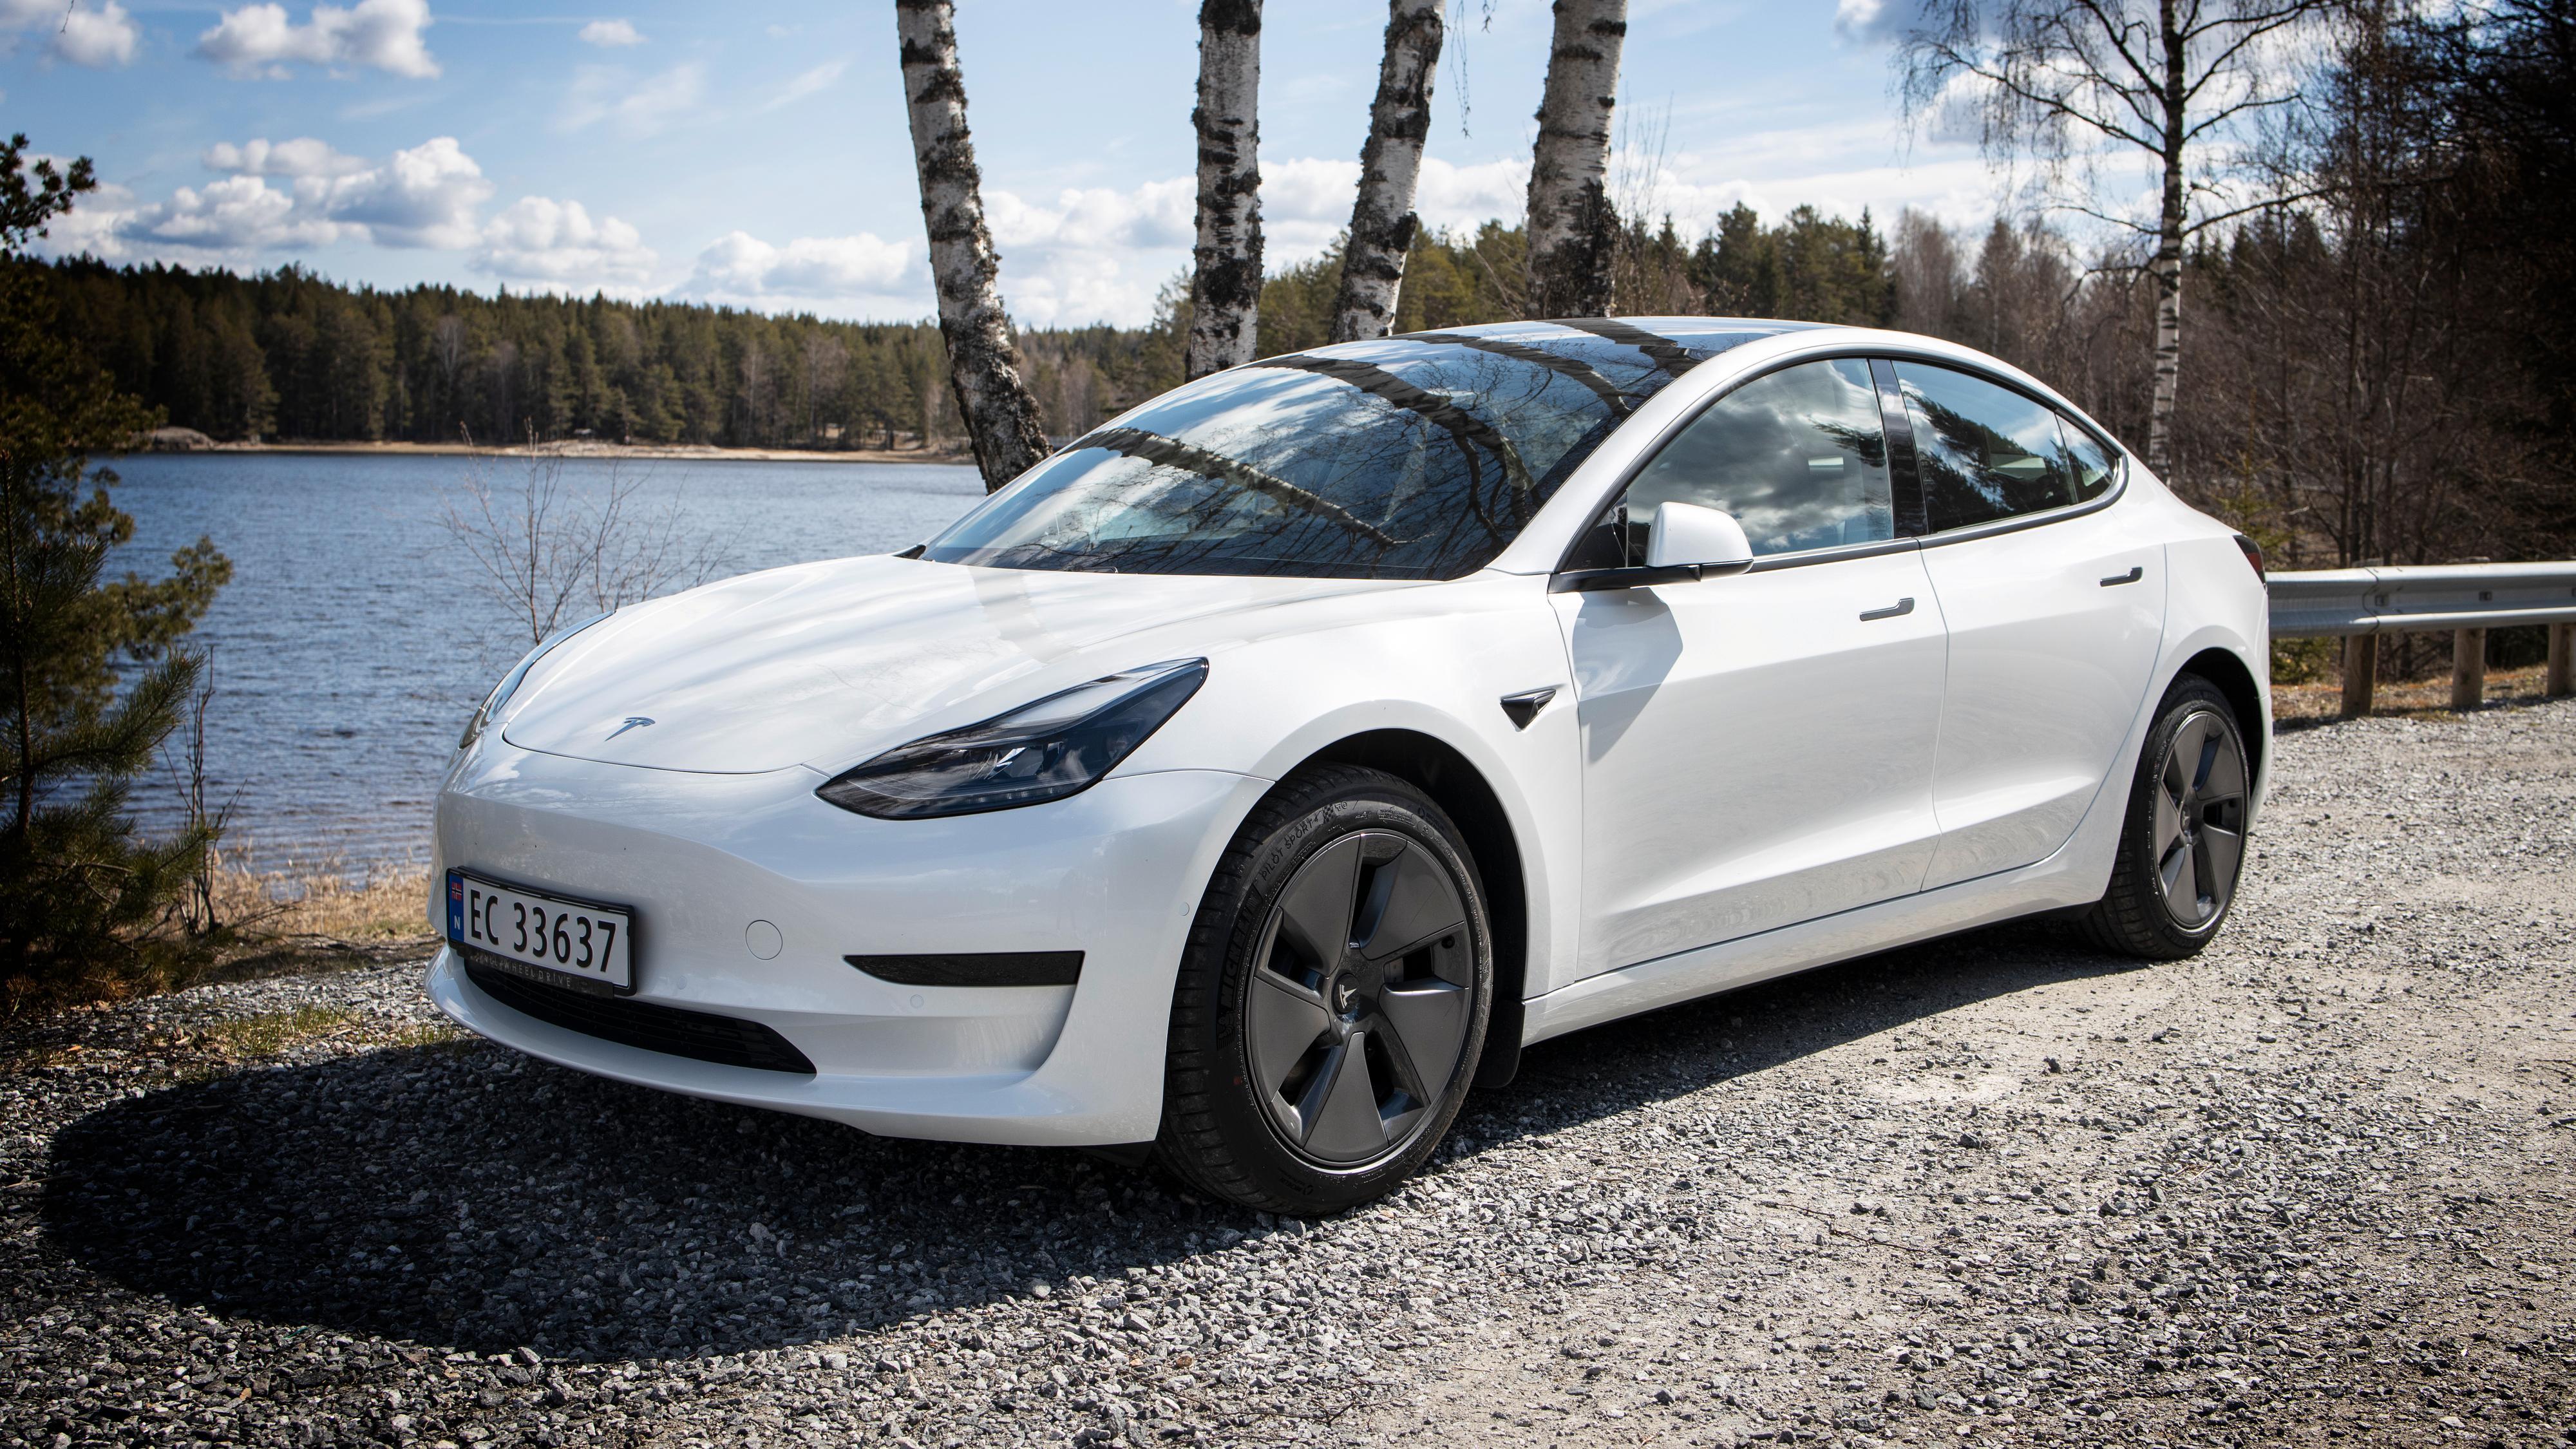 Teslas Model 3 Standard Range Plus starter nå på 364.000 kroner, etter at Tesla satte ned prisen med 50.000 kroner nylig - riktignok kun i farge Pearl White. Alle andre farger koster ekstra.